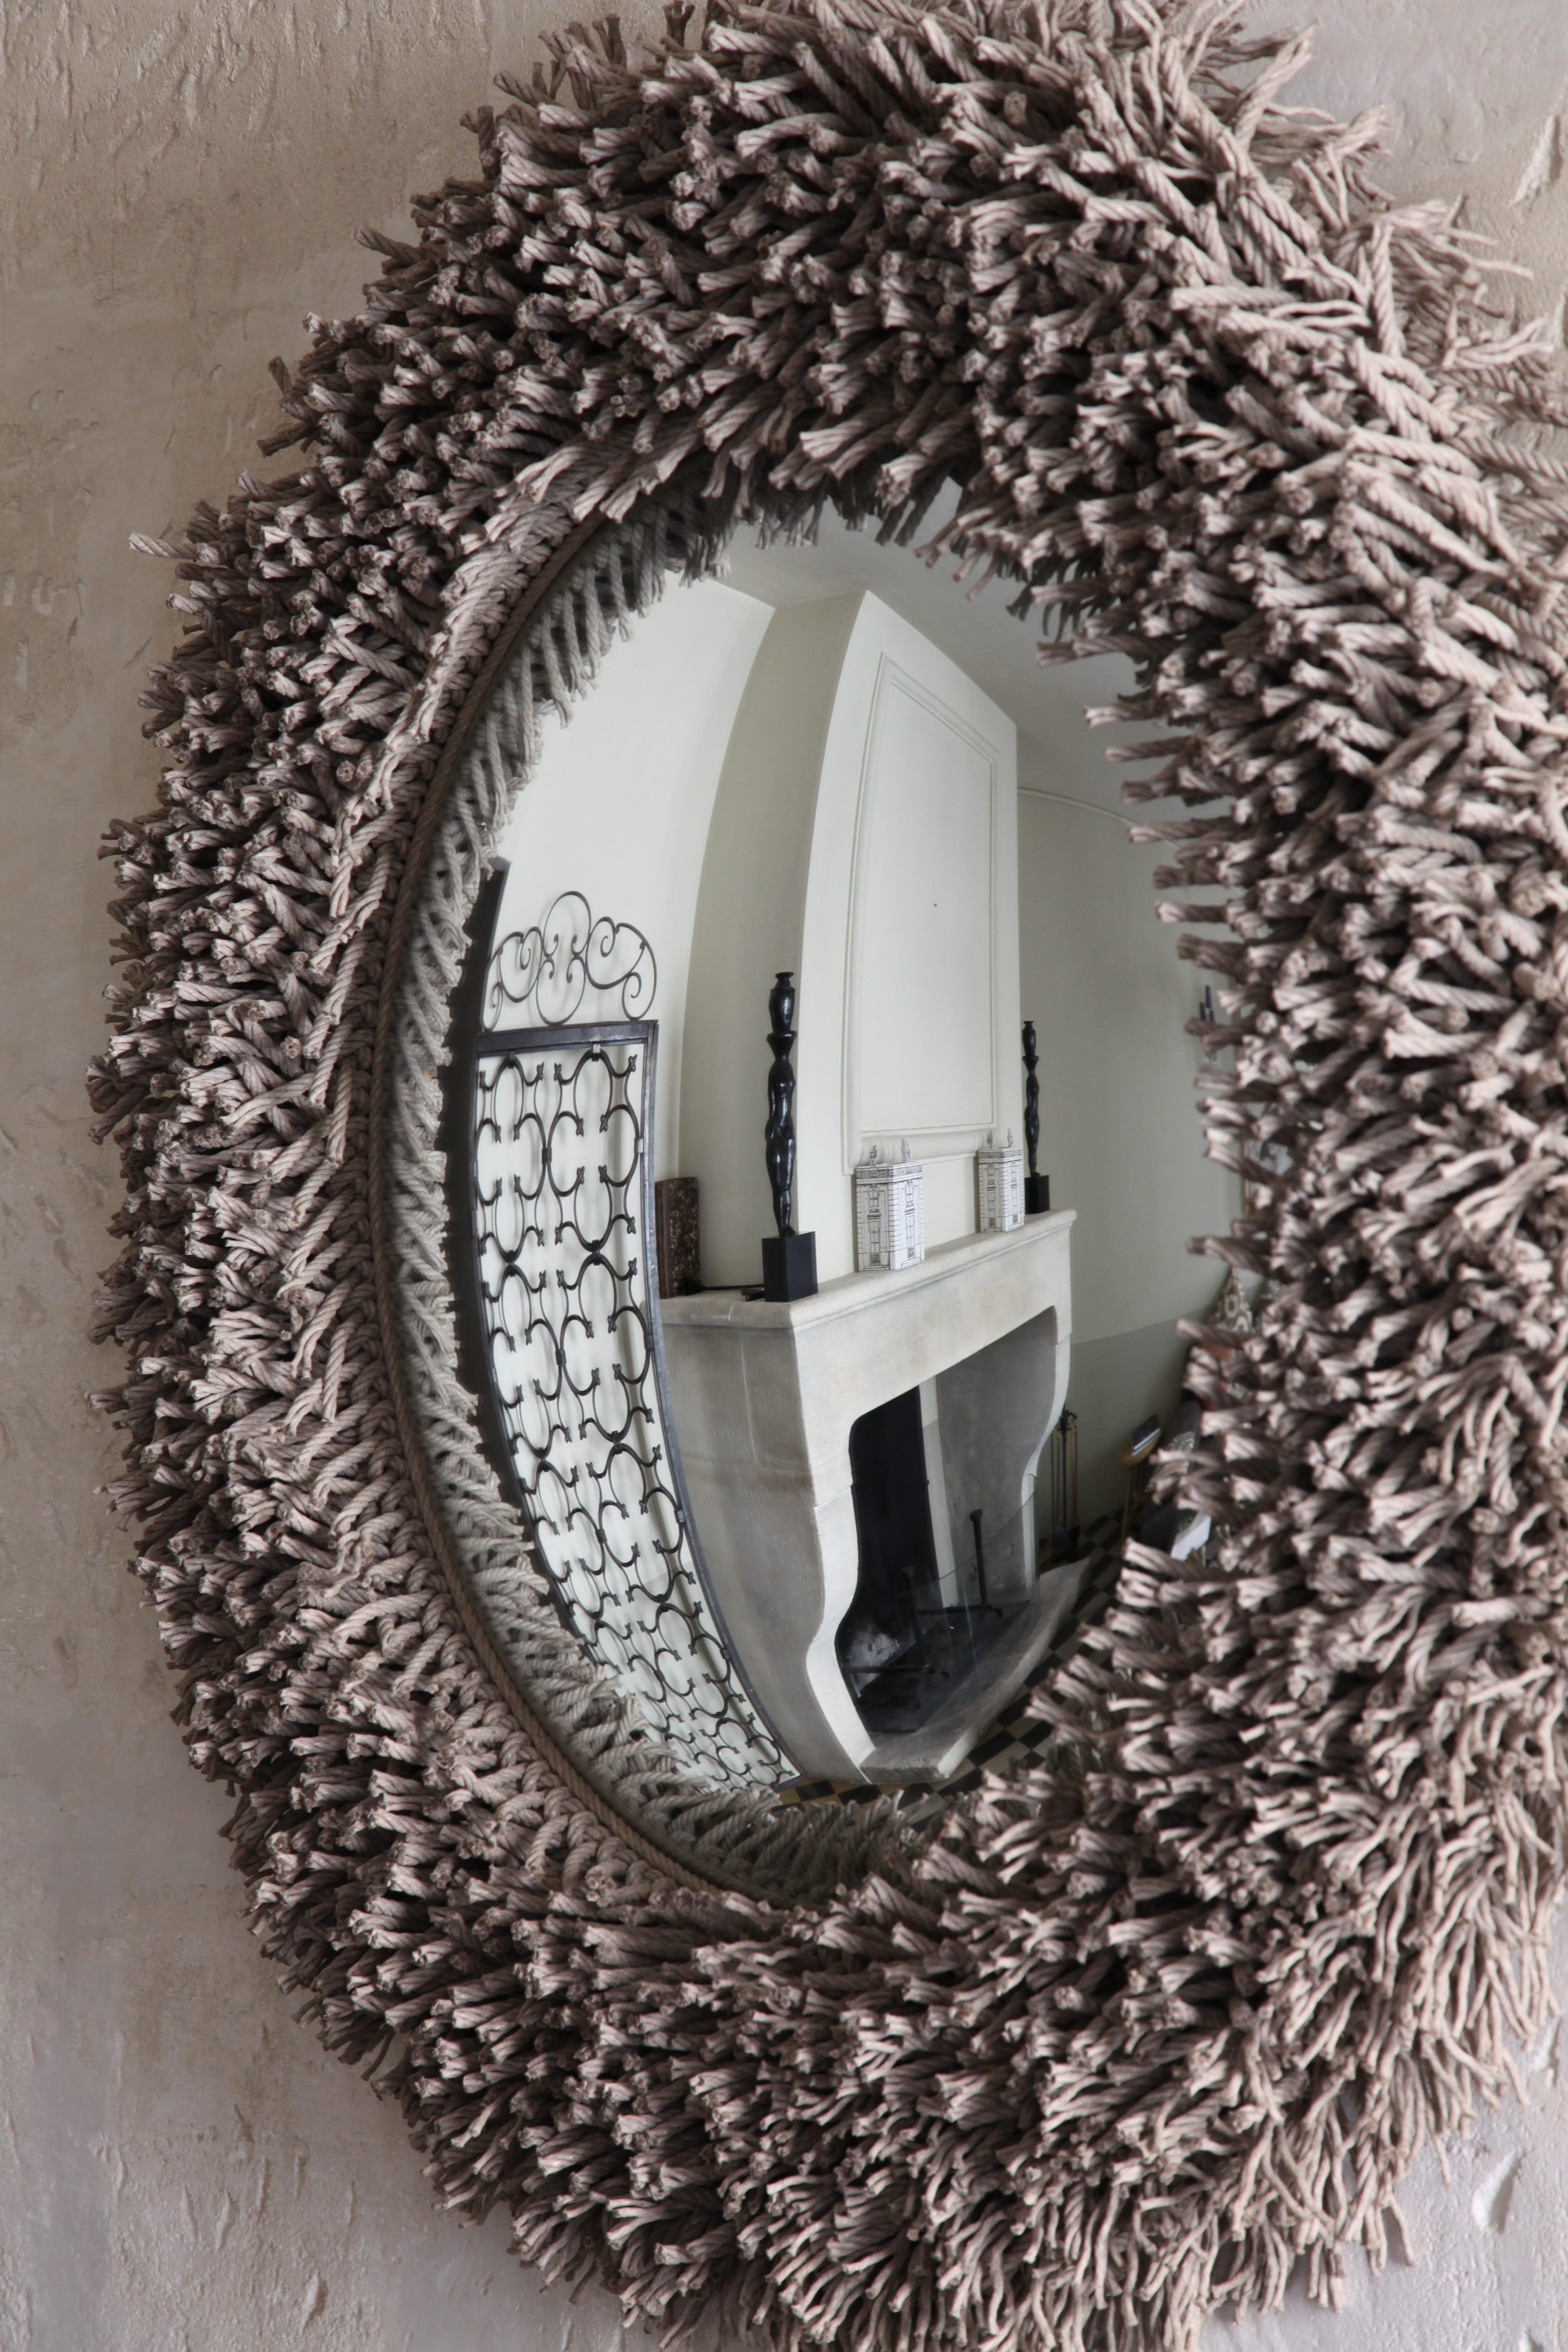 Un miroir oeil de sorci re ficelle la couleur d co tendance adopter j - Miroir oeil de sorciere ...